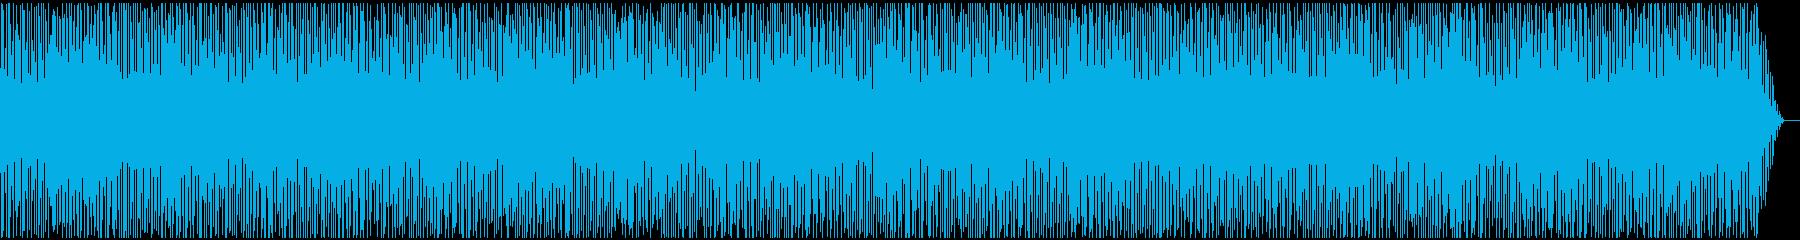 テンポのよい愉快なBGMの再生済みの波形